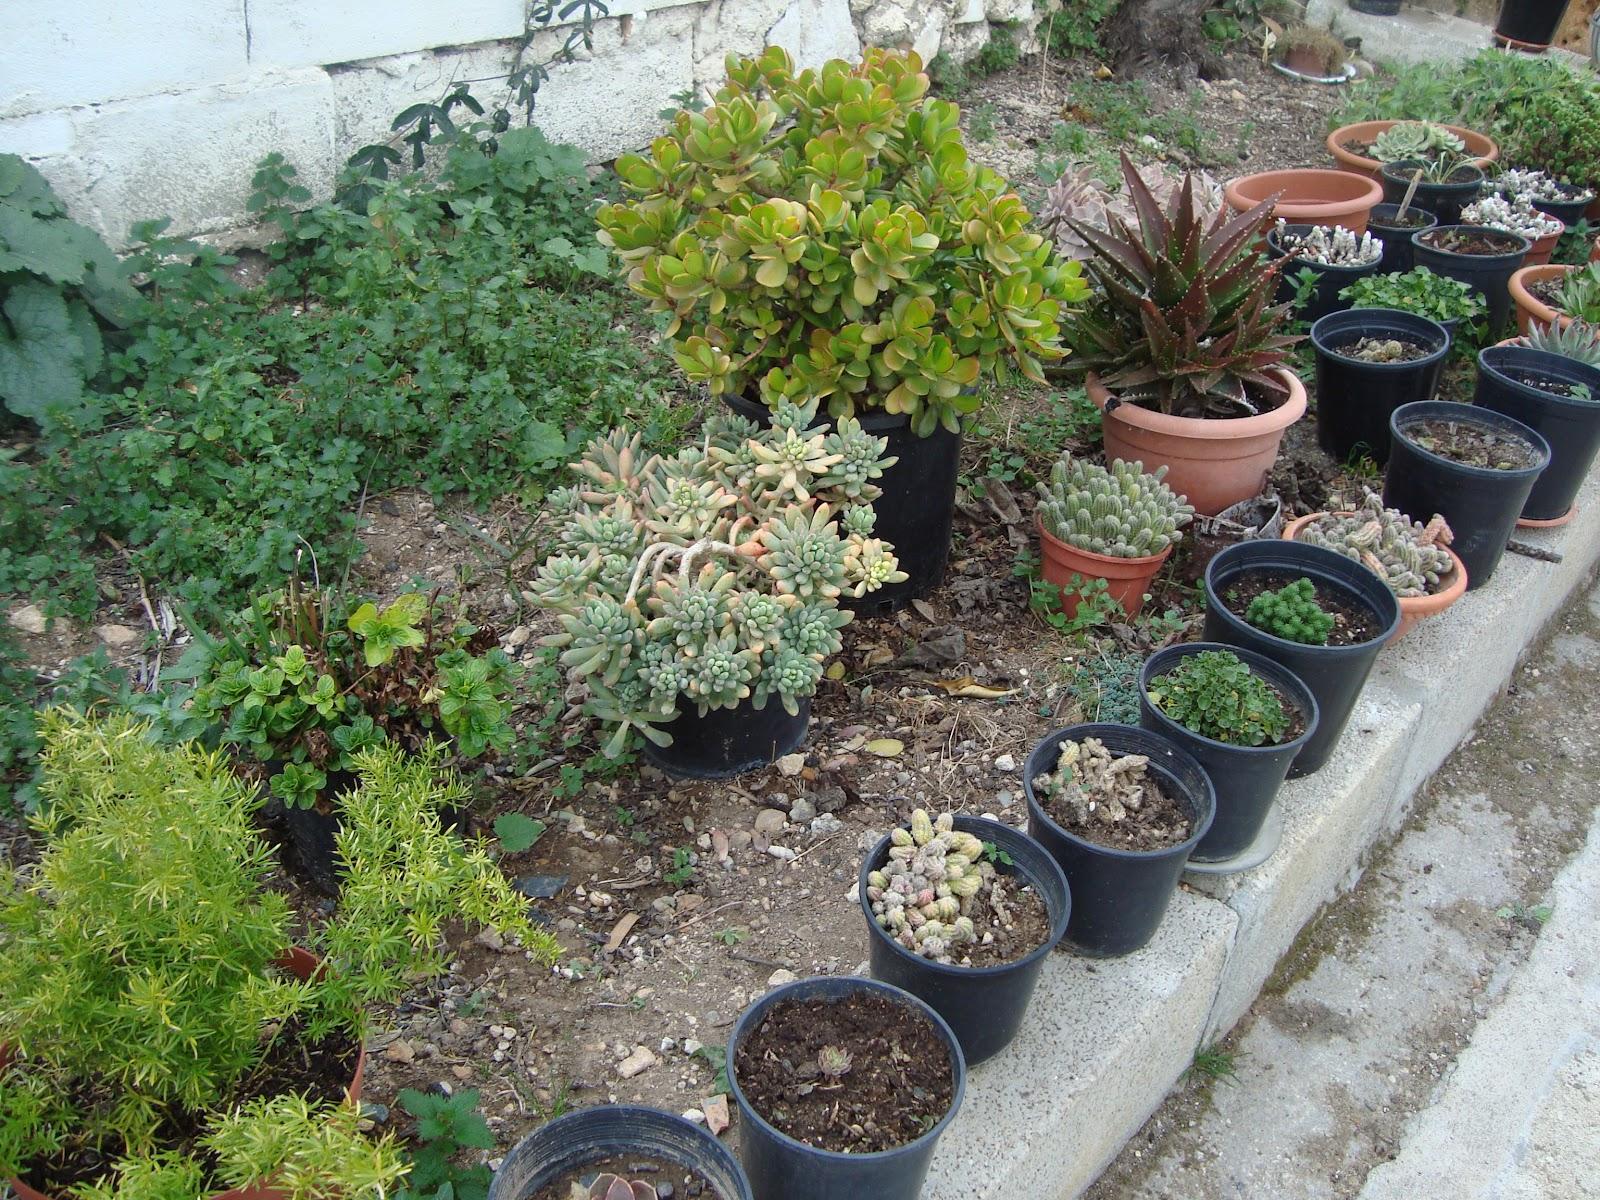 Museo exposiciones arte y ensayos plantas dom sticas y for Jardines con encanto fotos